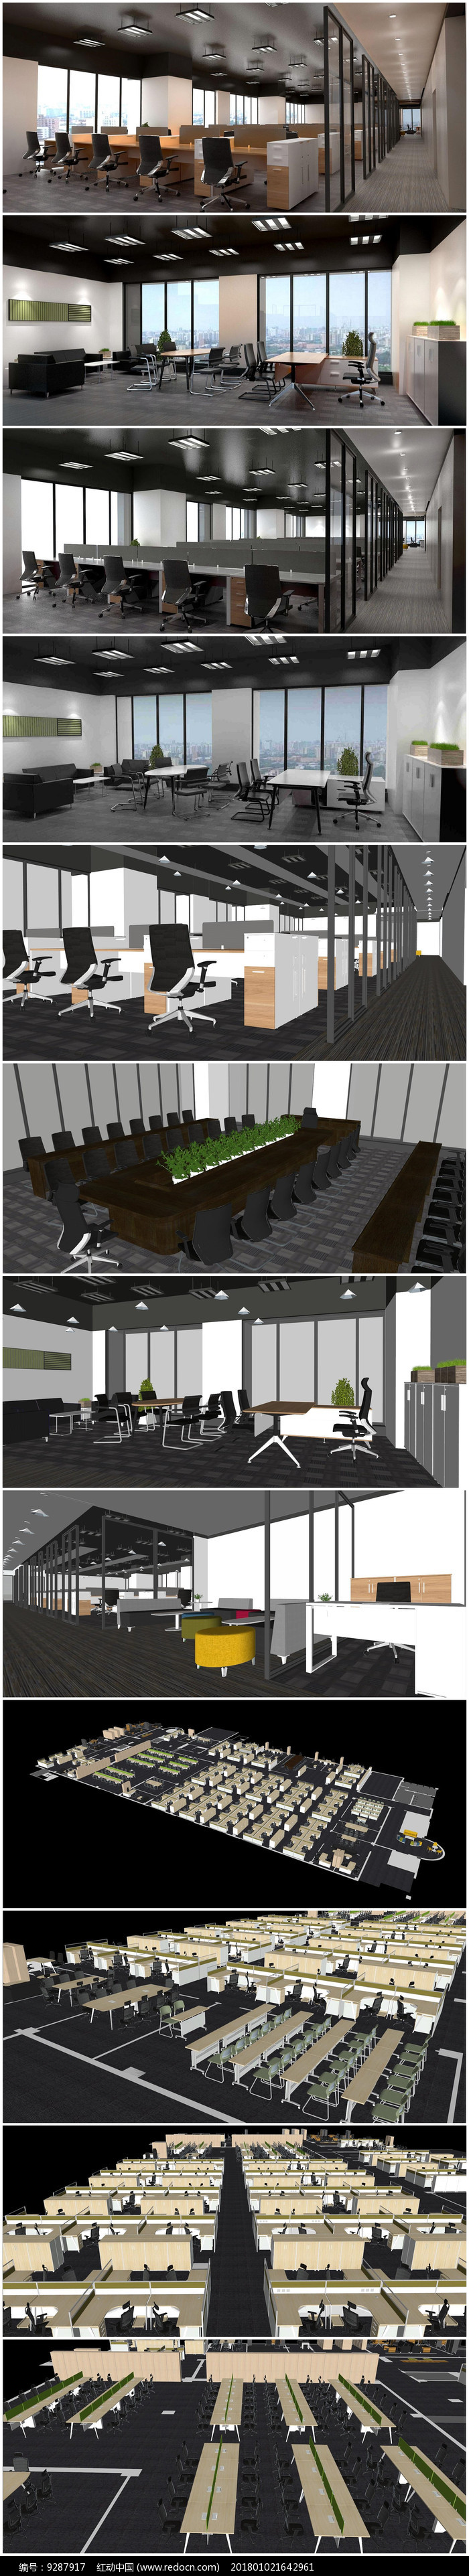 办公室建筑方案SU模型效果图图片